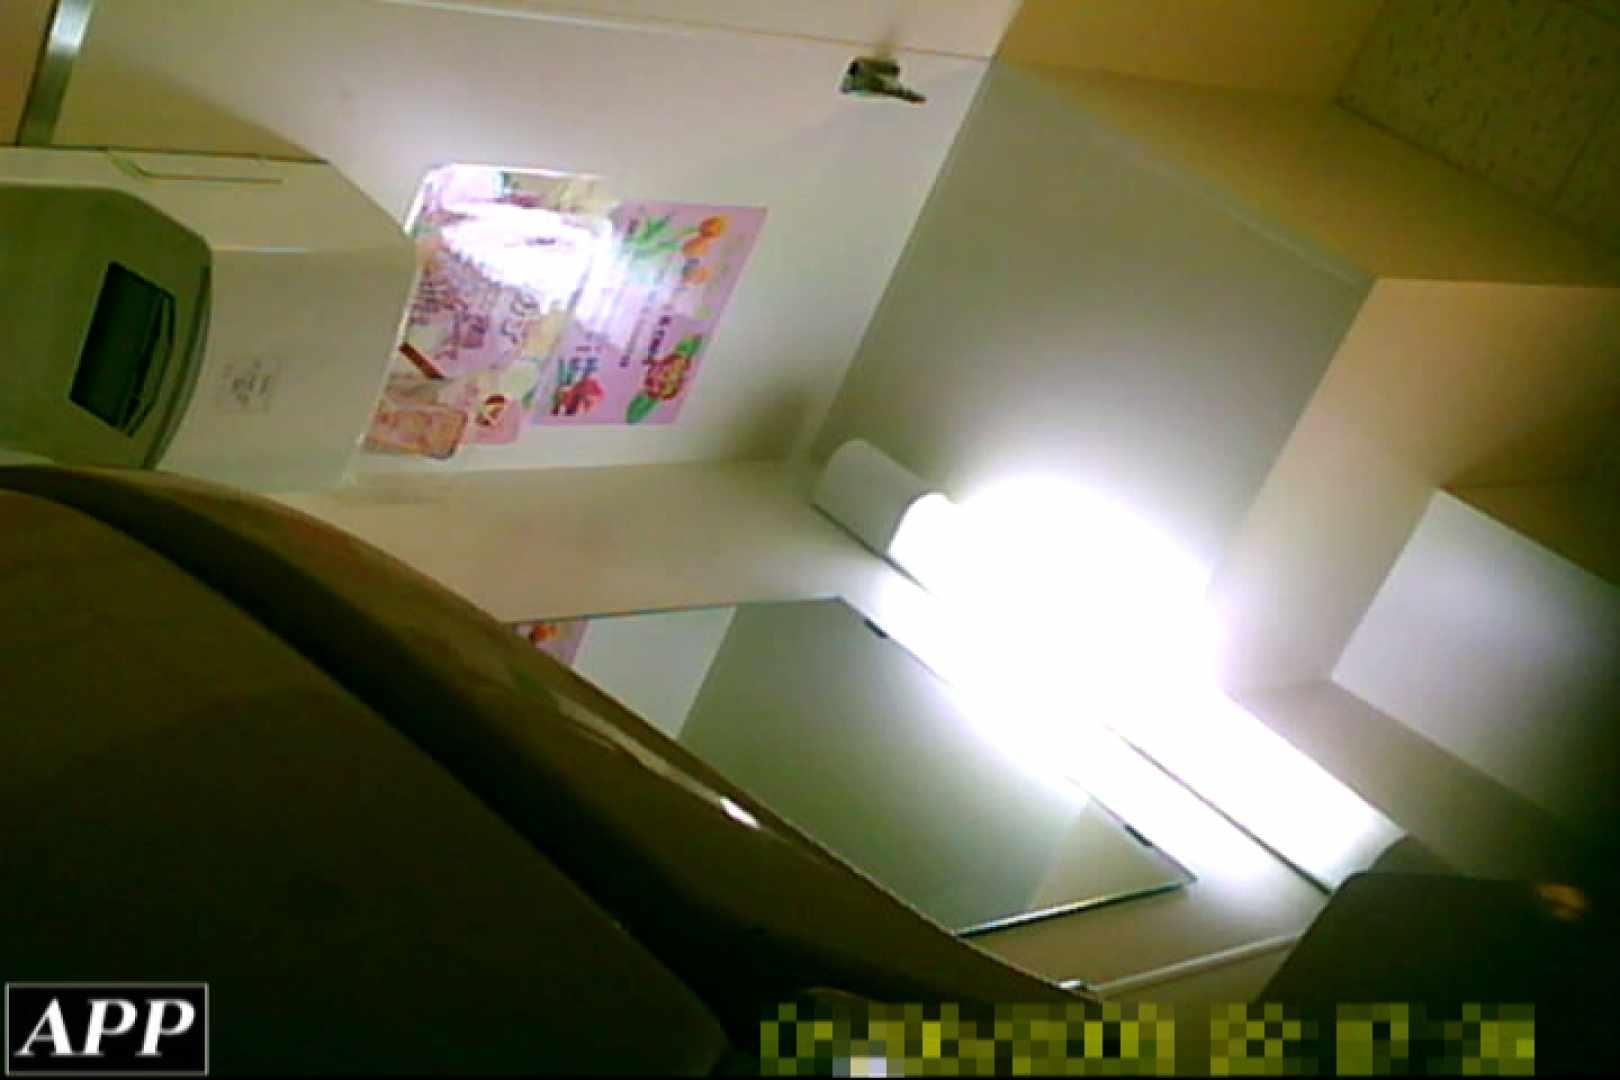 3視点洗面所 vol.141 丸見え オメコ動画キャプチャ 80枚 9